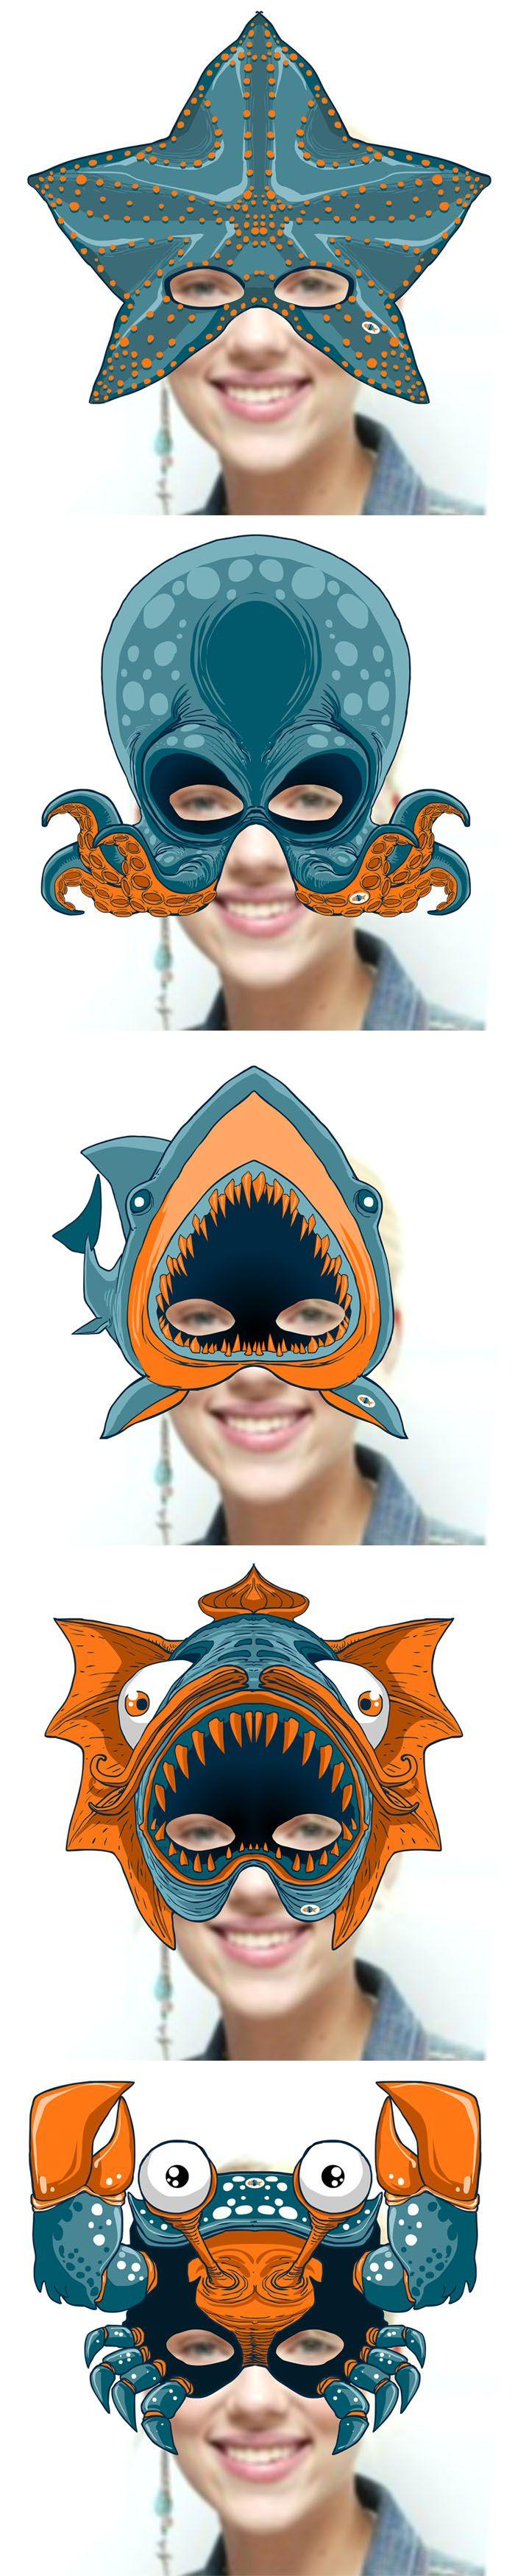 Peixe Urbano Carnaval De Mascaras